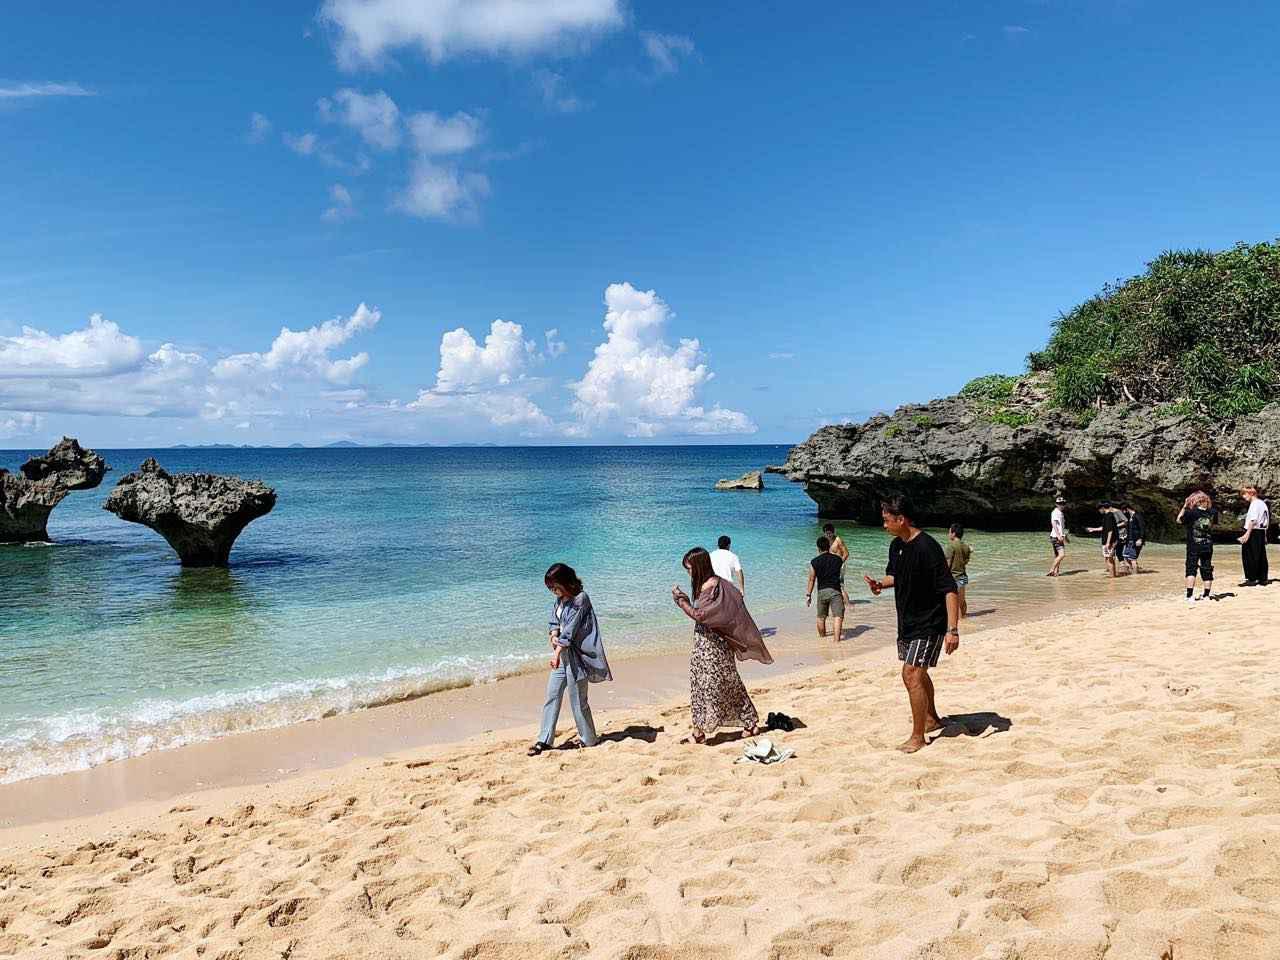 画像3: 恋のパワースポット「ティーヌ浜」には、多くの若者が